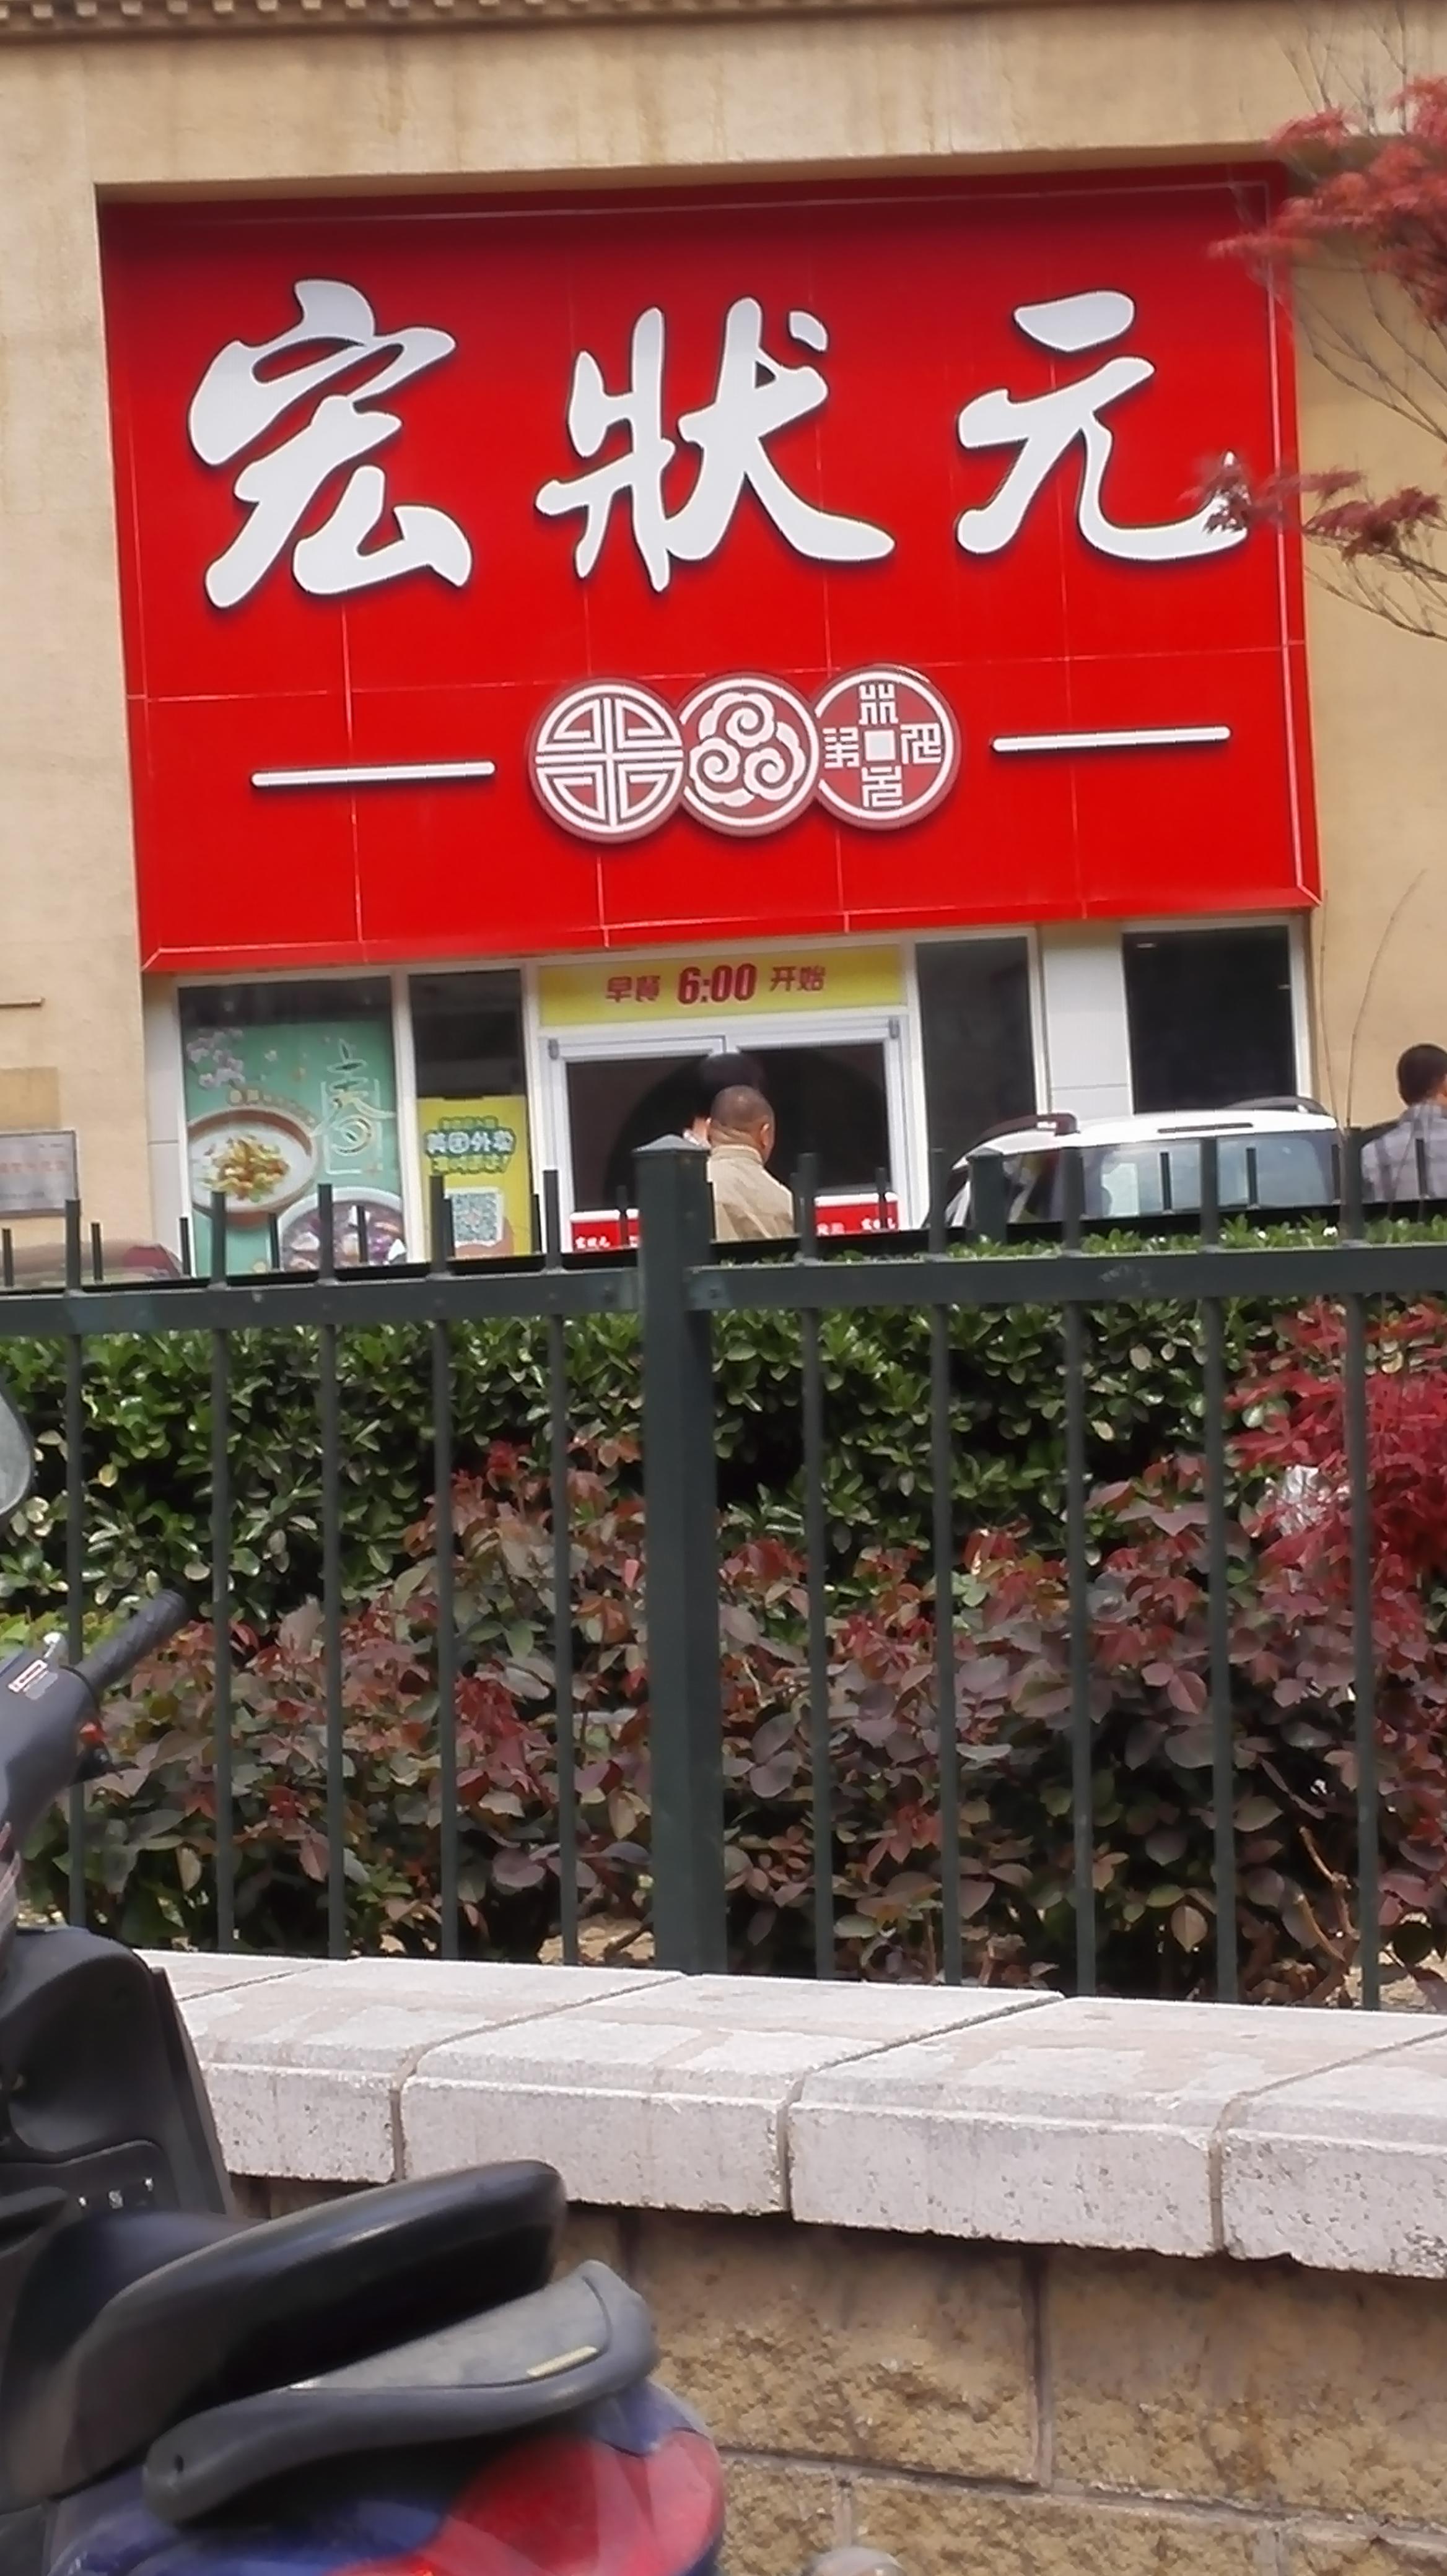 北京宏状元地址_【携程美食林】北京宏状元(苏州街店)餐馆,宏状元(街)